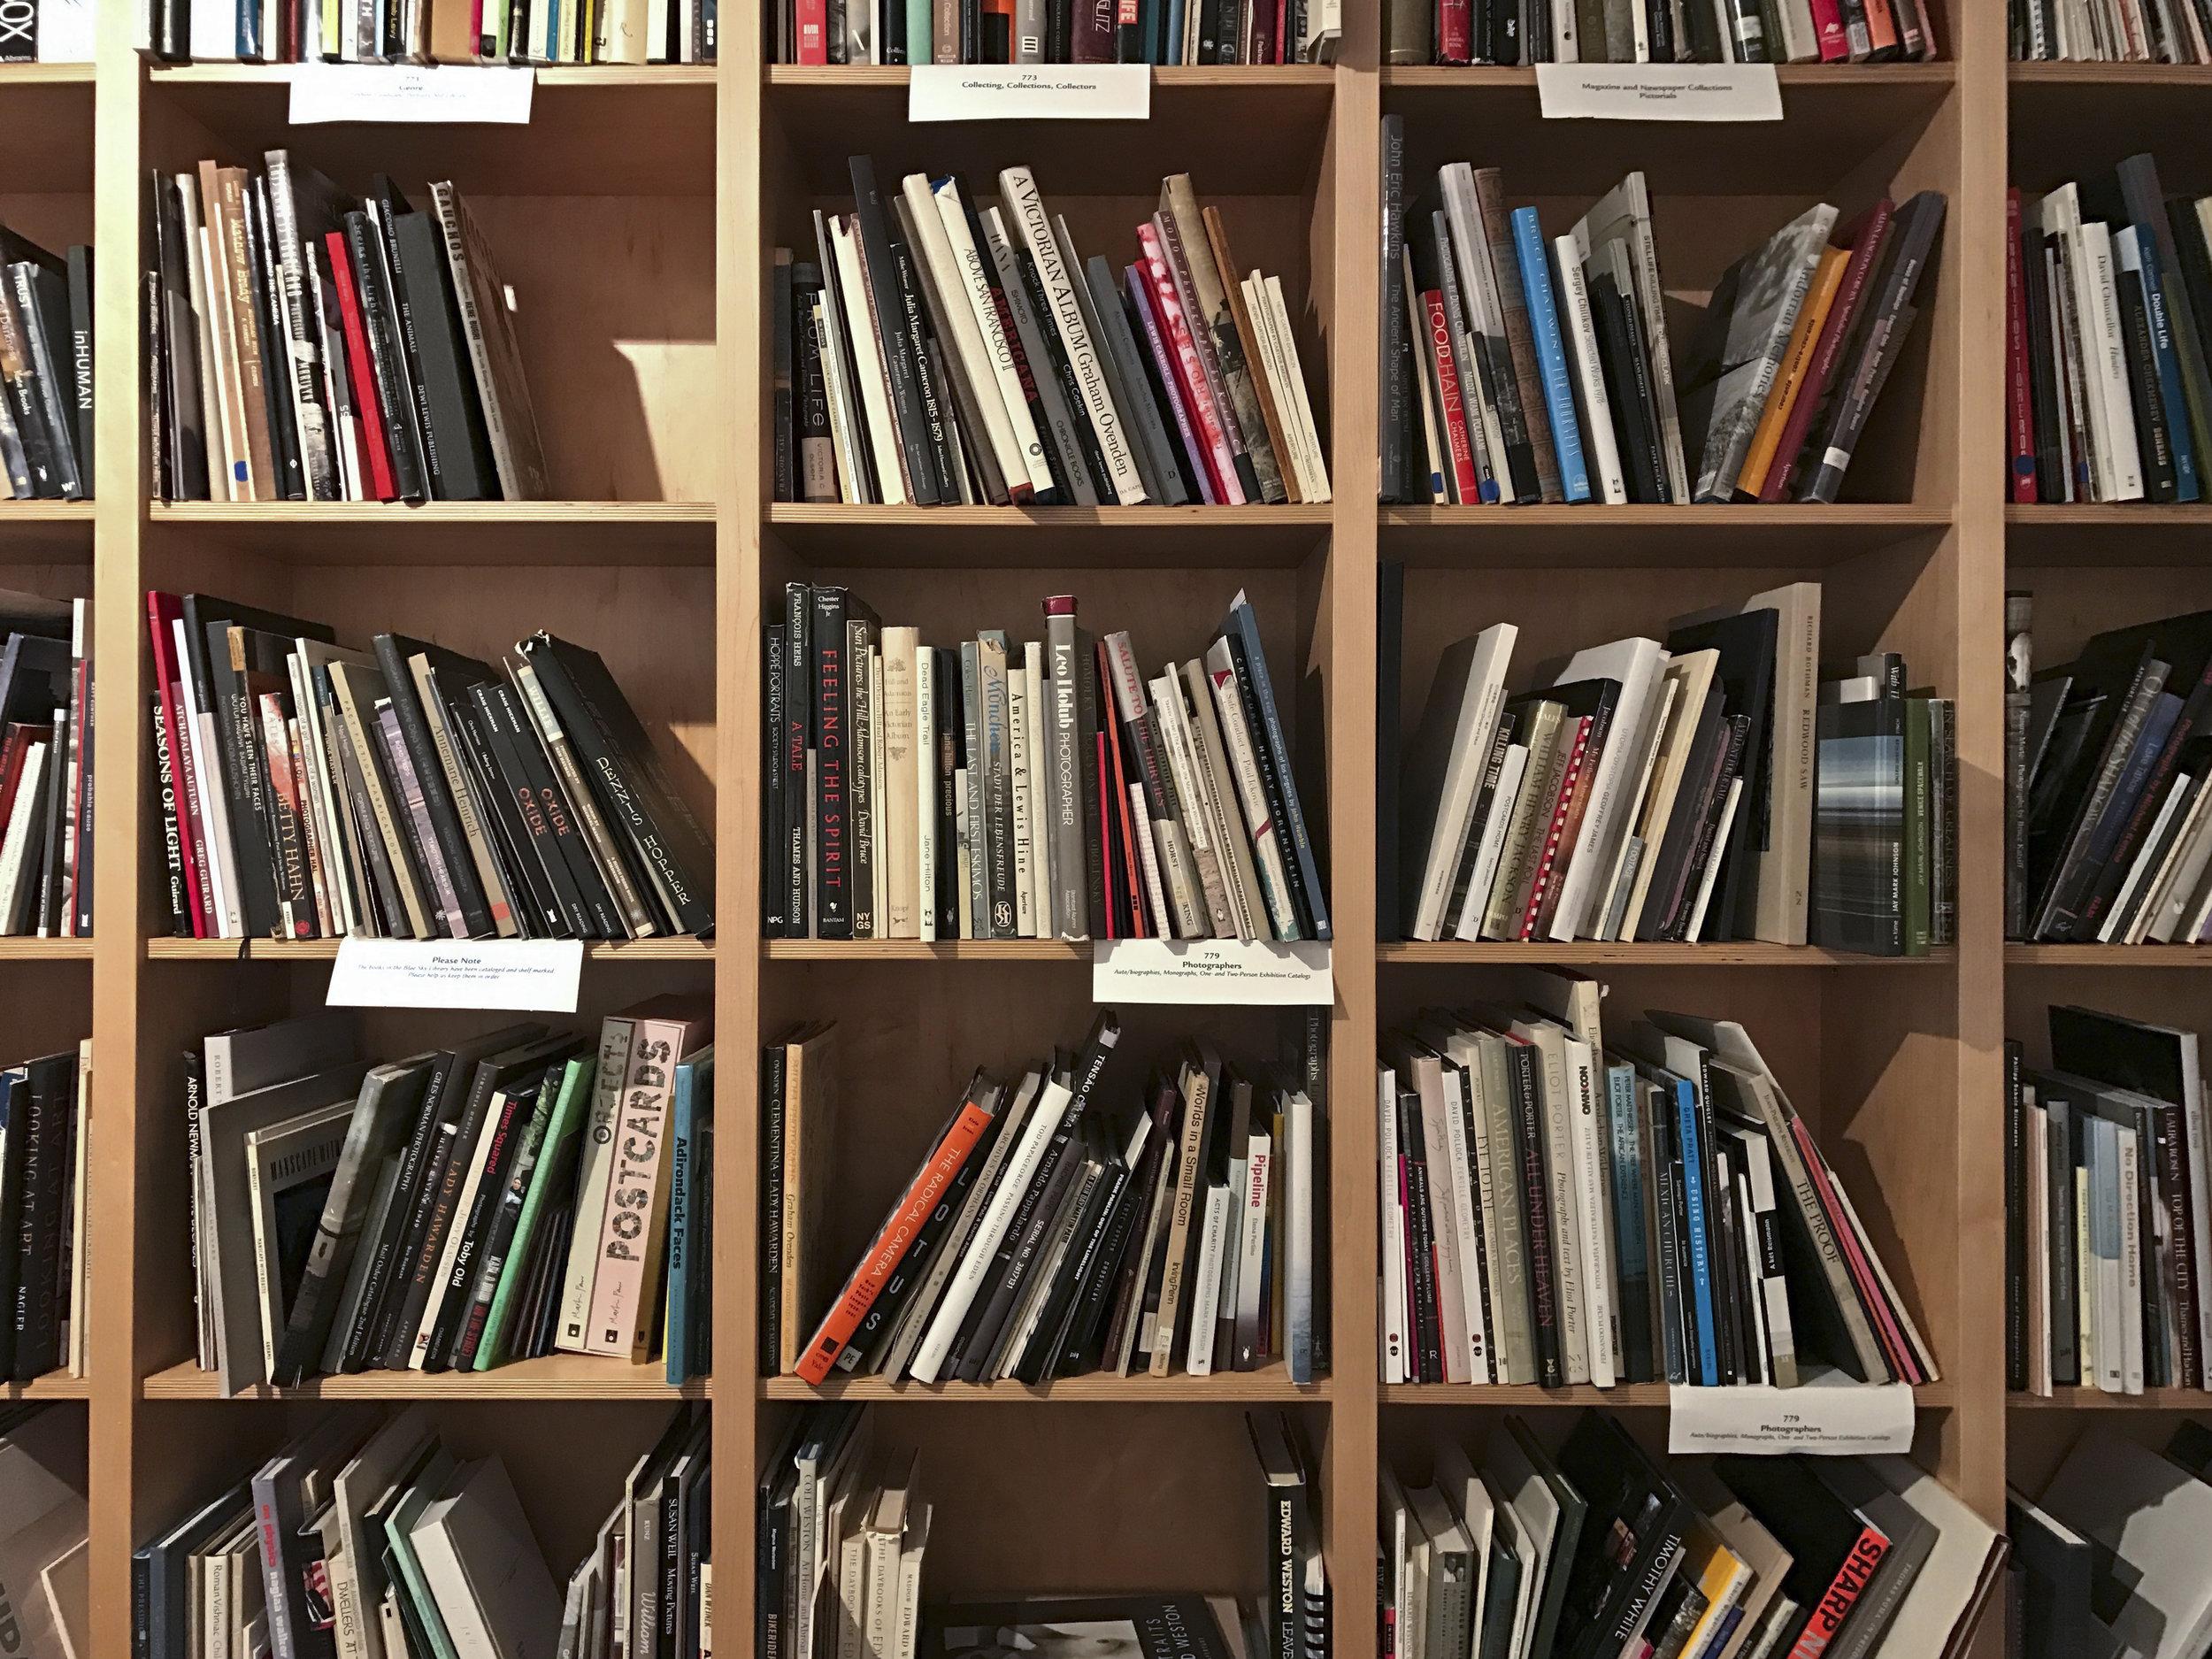 Blue Sky Gallery 's well-stocked shelves.